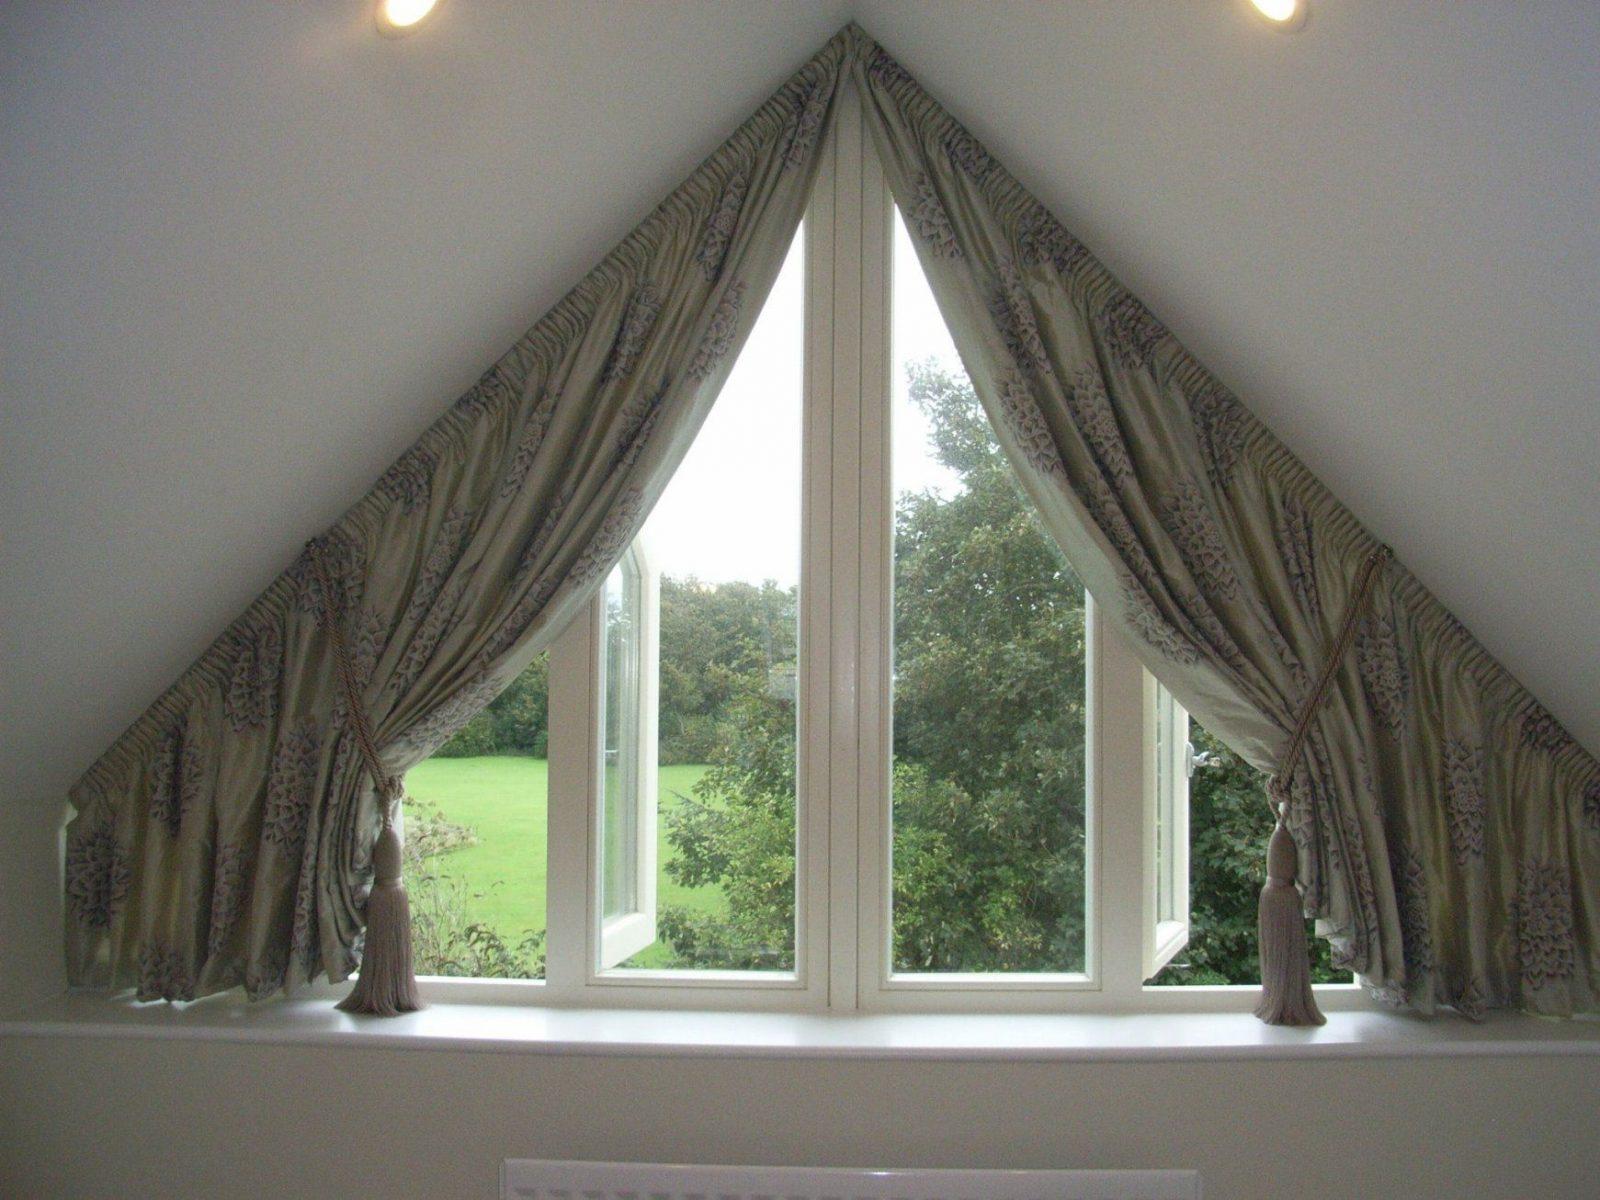 Tolle Ideen Wie Sie Ihr Dreiecksfenster Verdunkeln  Gardinen von Gardinen Für Giebelfenster Photo